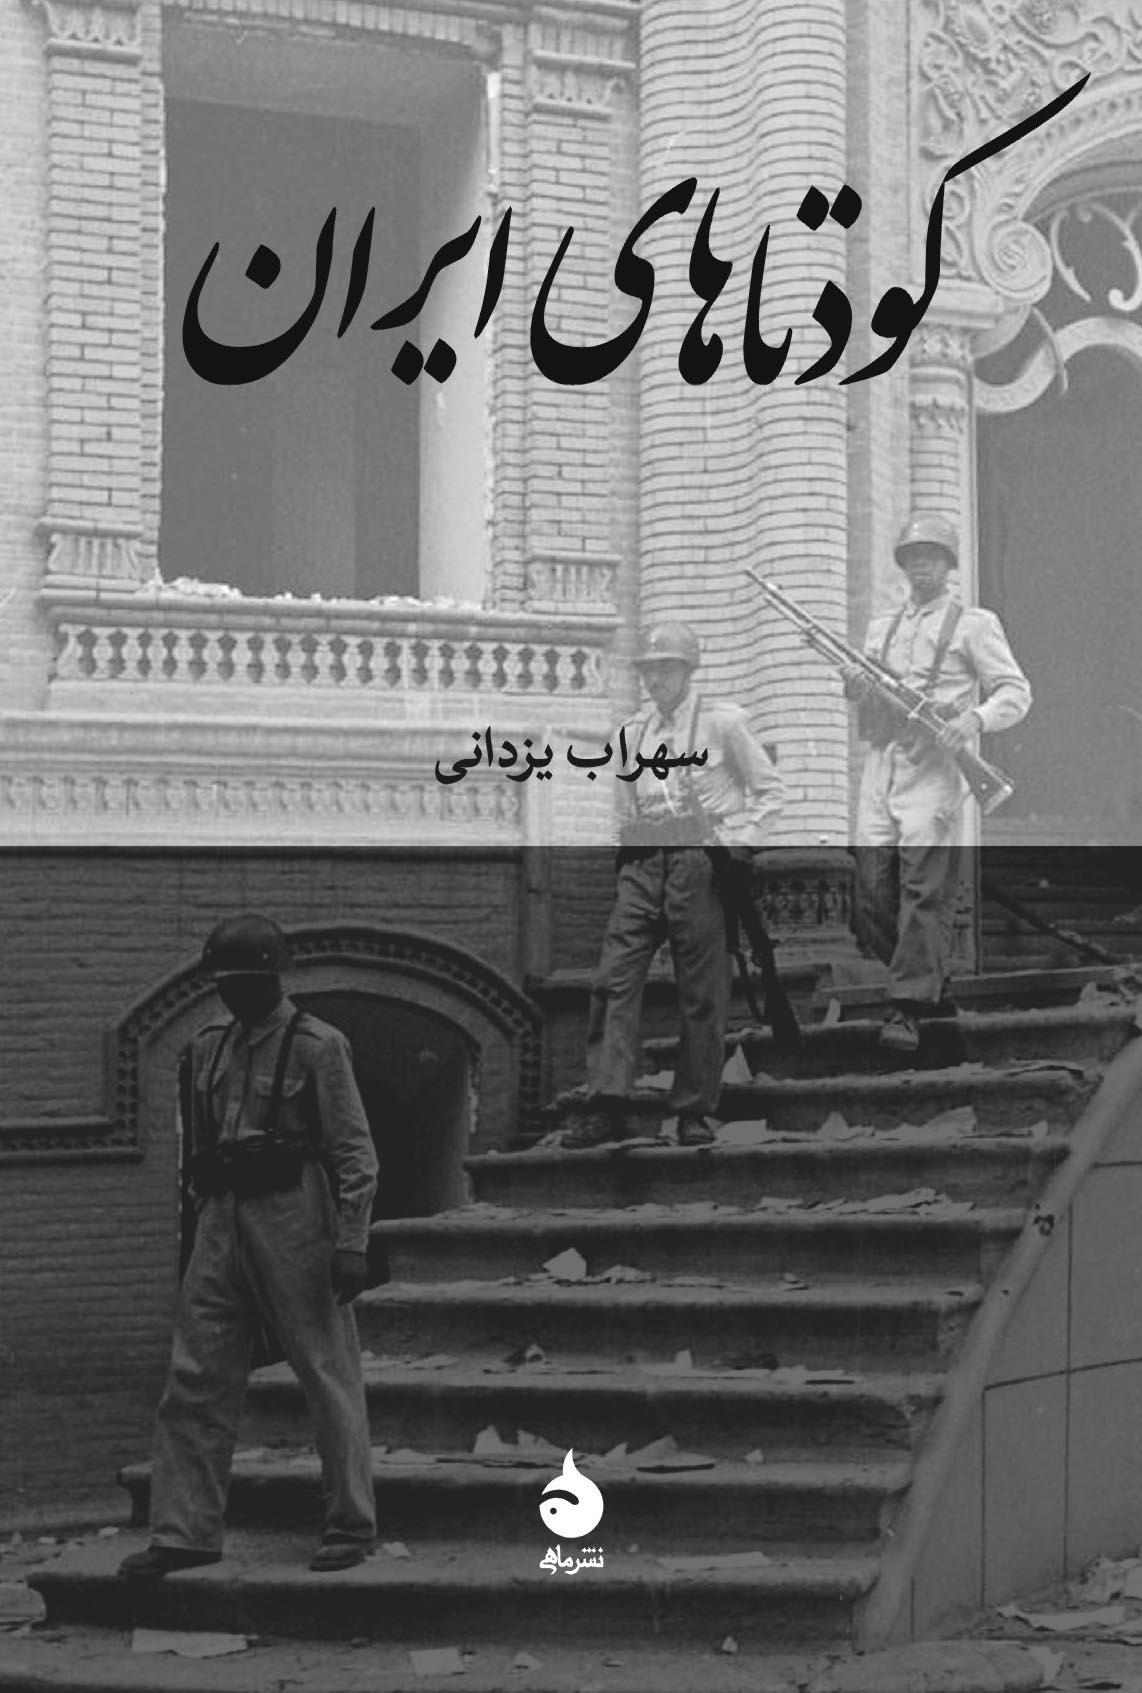 سهراب یزدانی: کودتا نگرش سیاسی حکمرانان را آشکار میکند